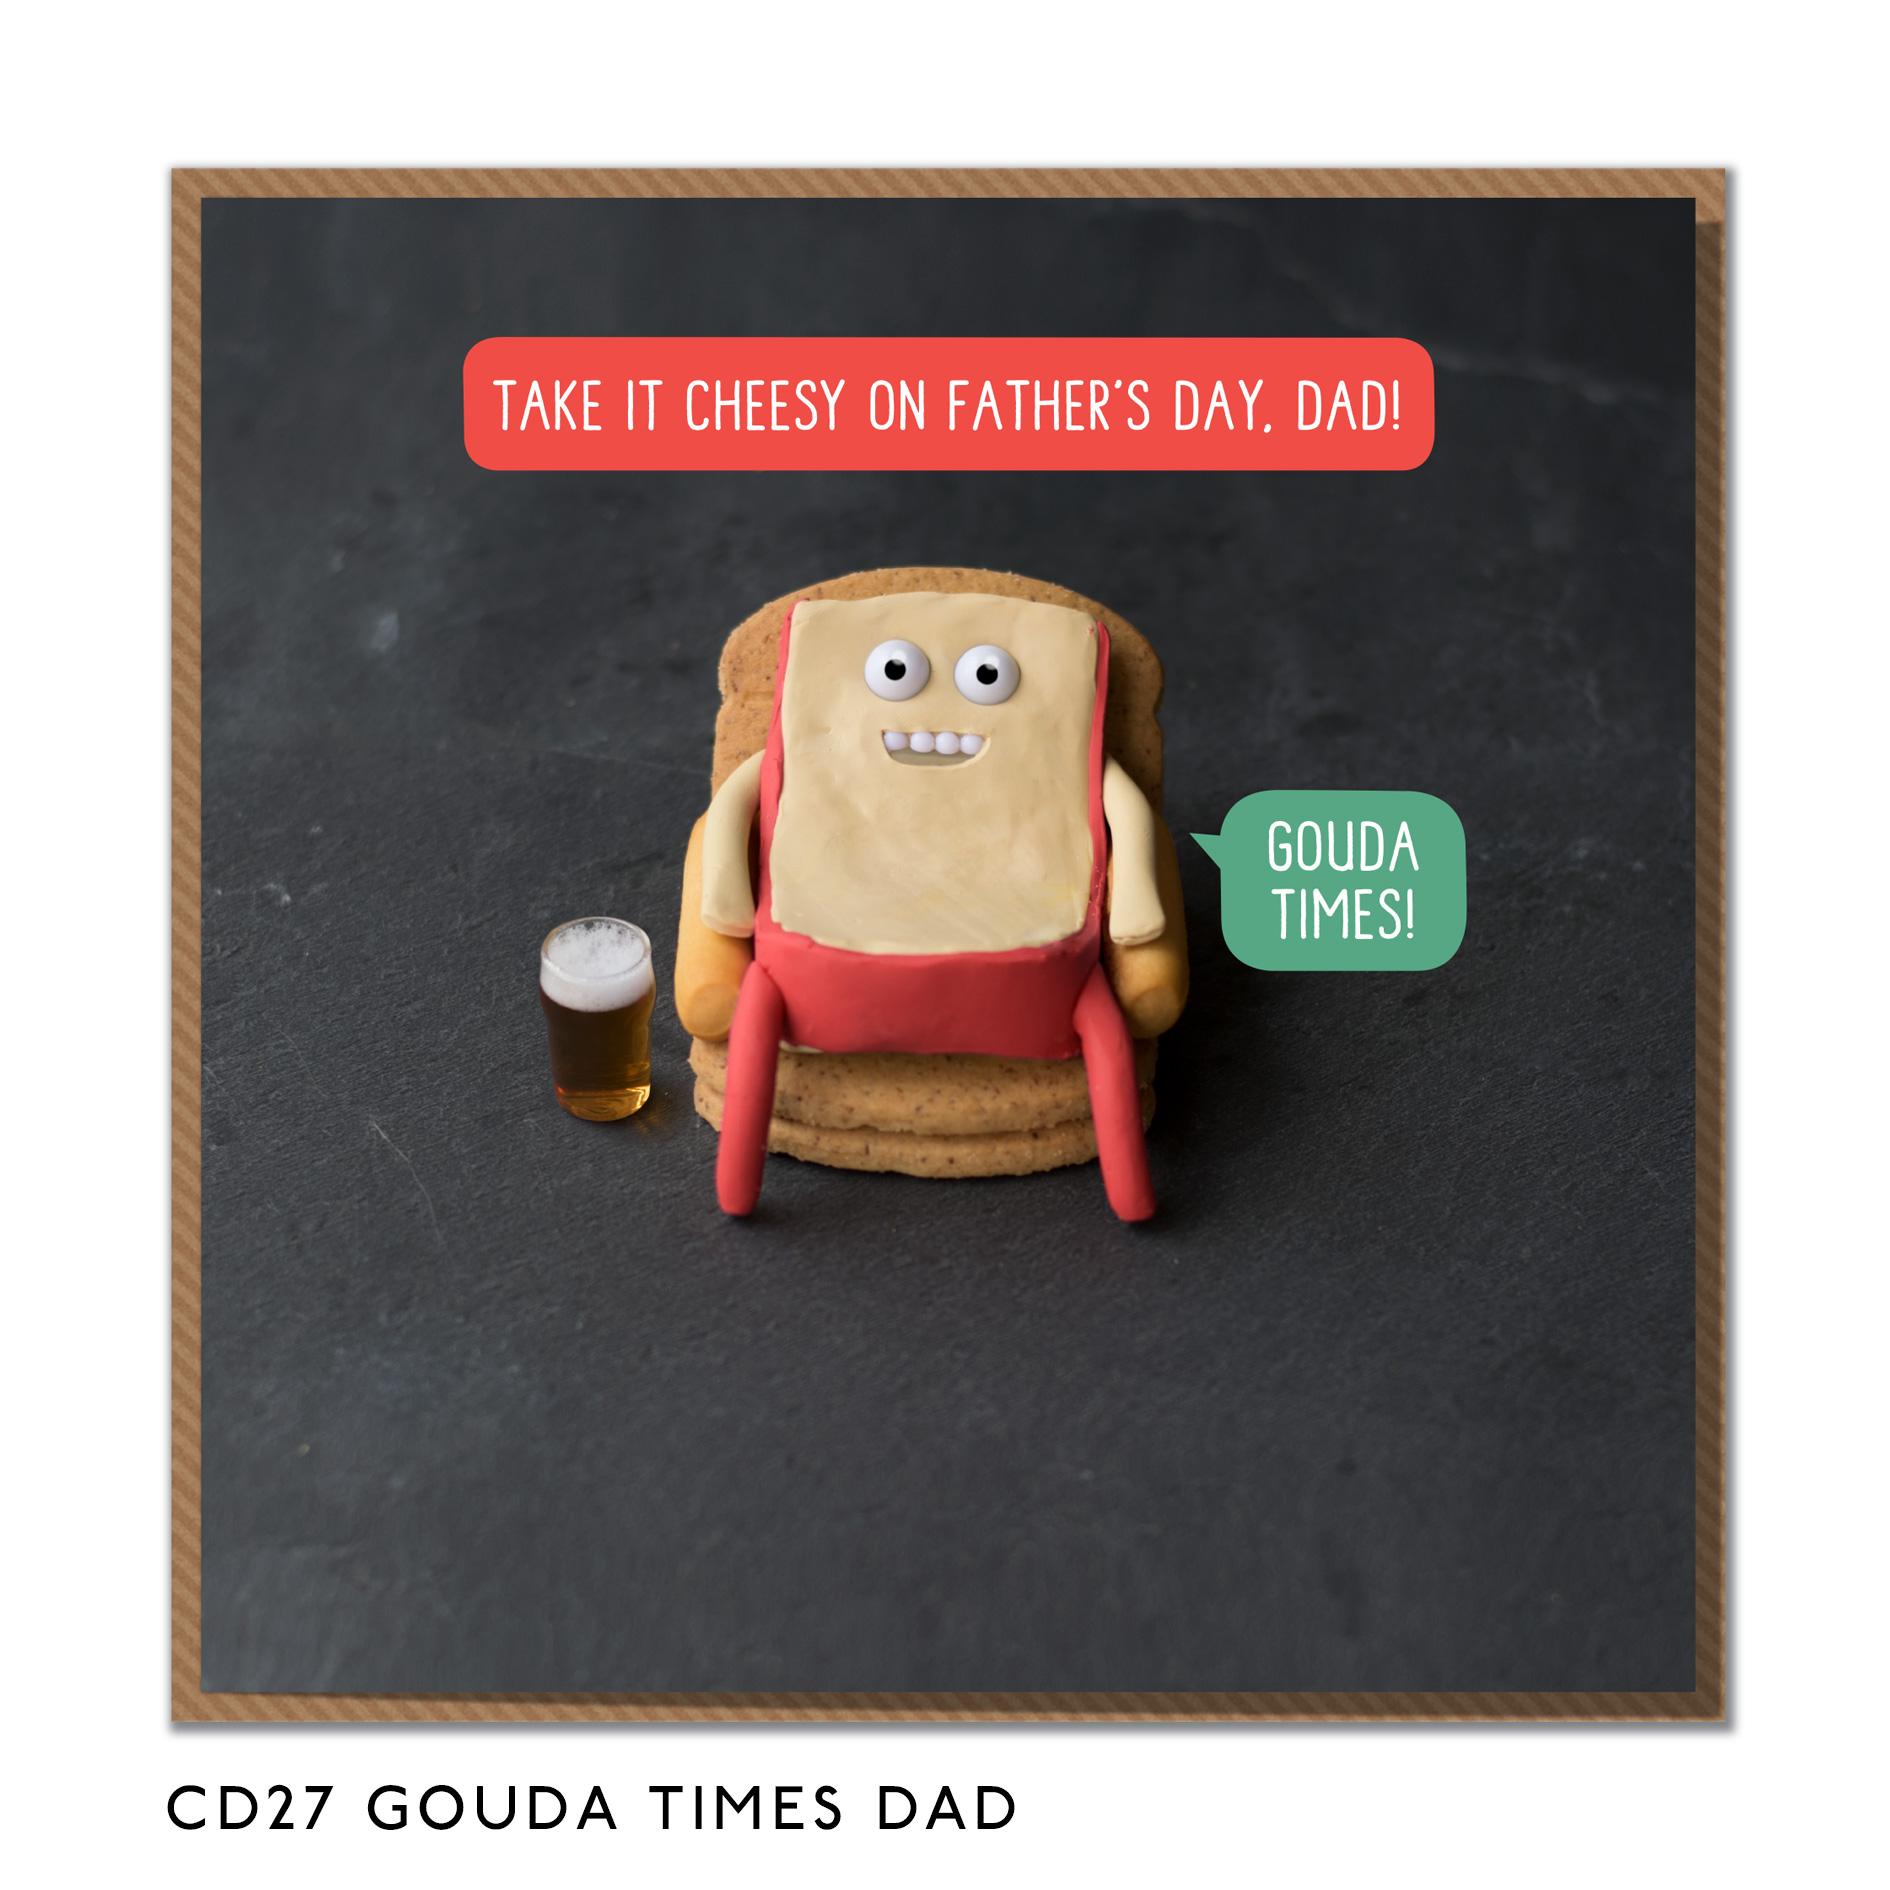 CD27-GOUDA-TIMES-DAD2.jpg